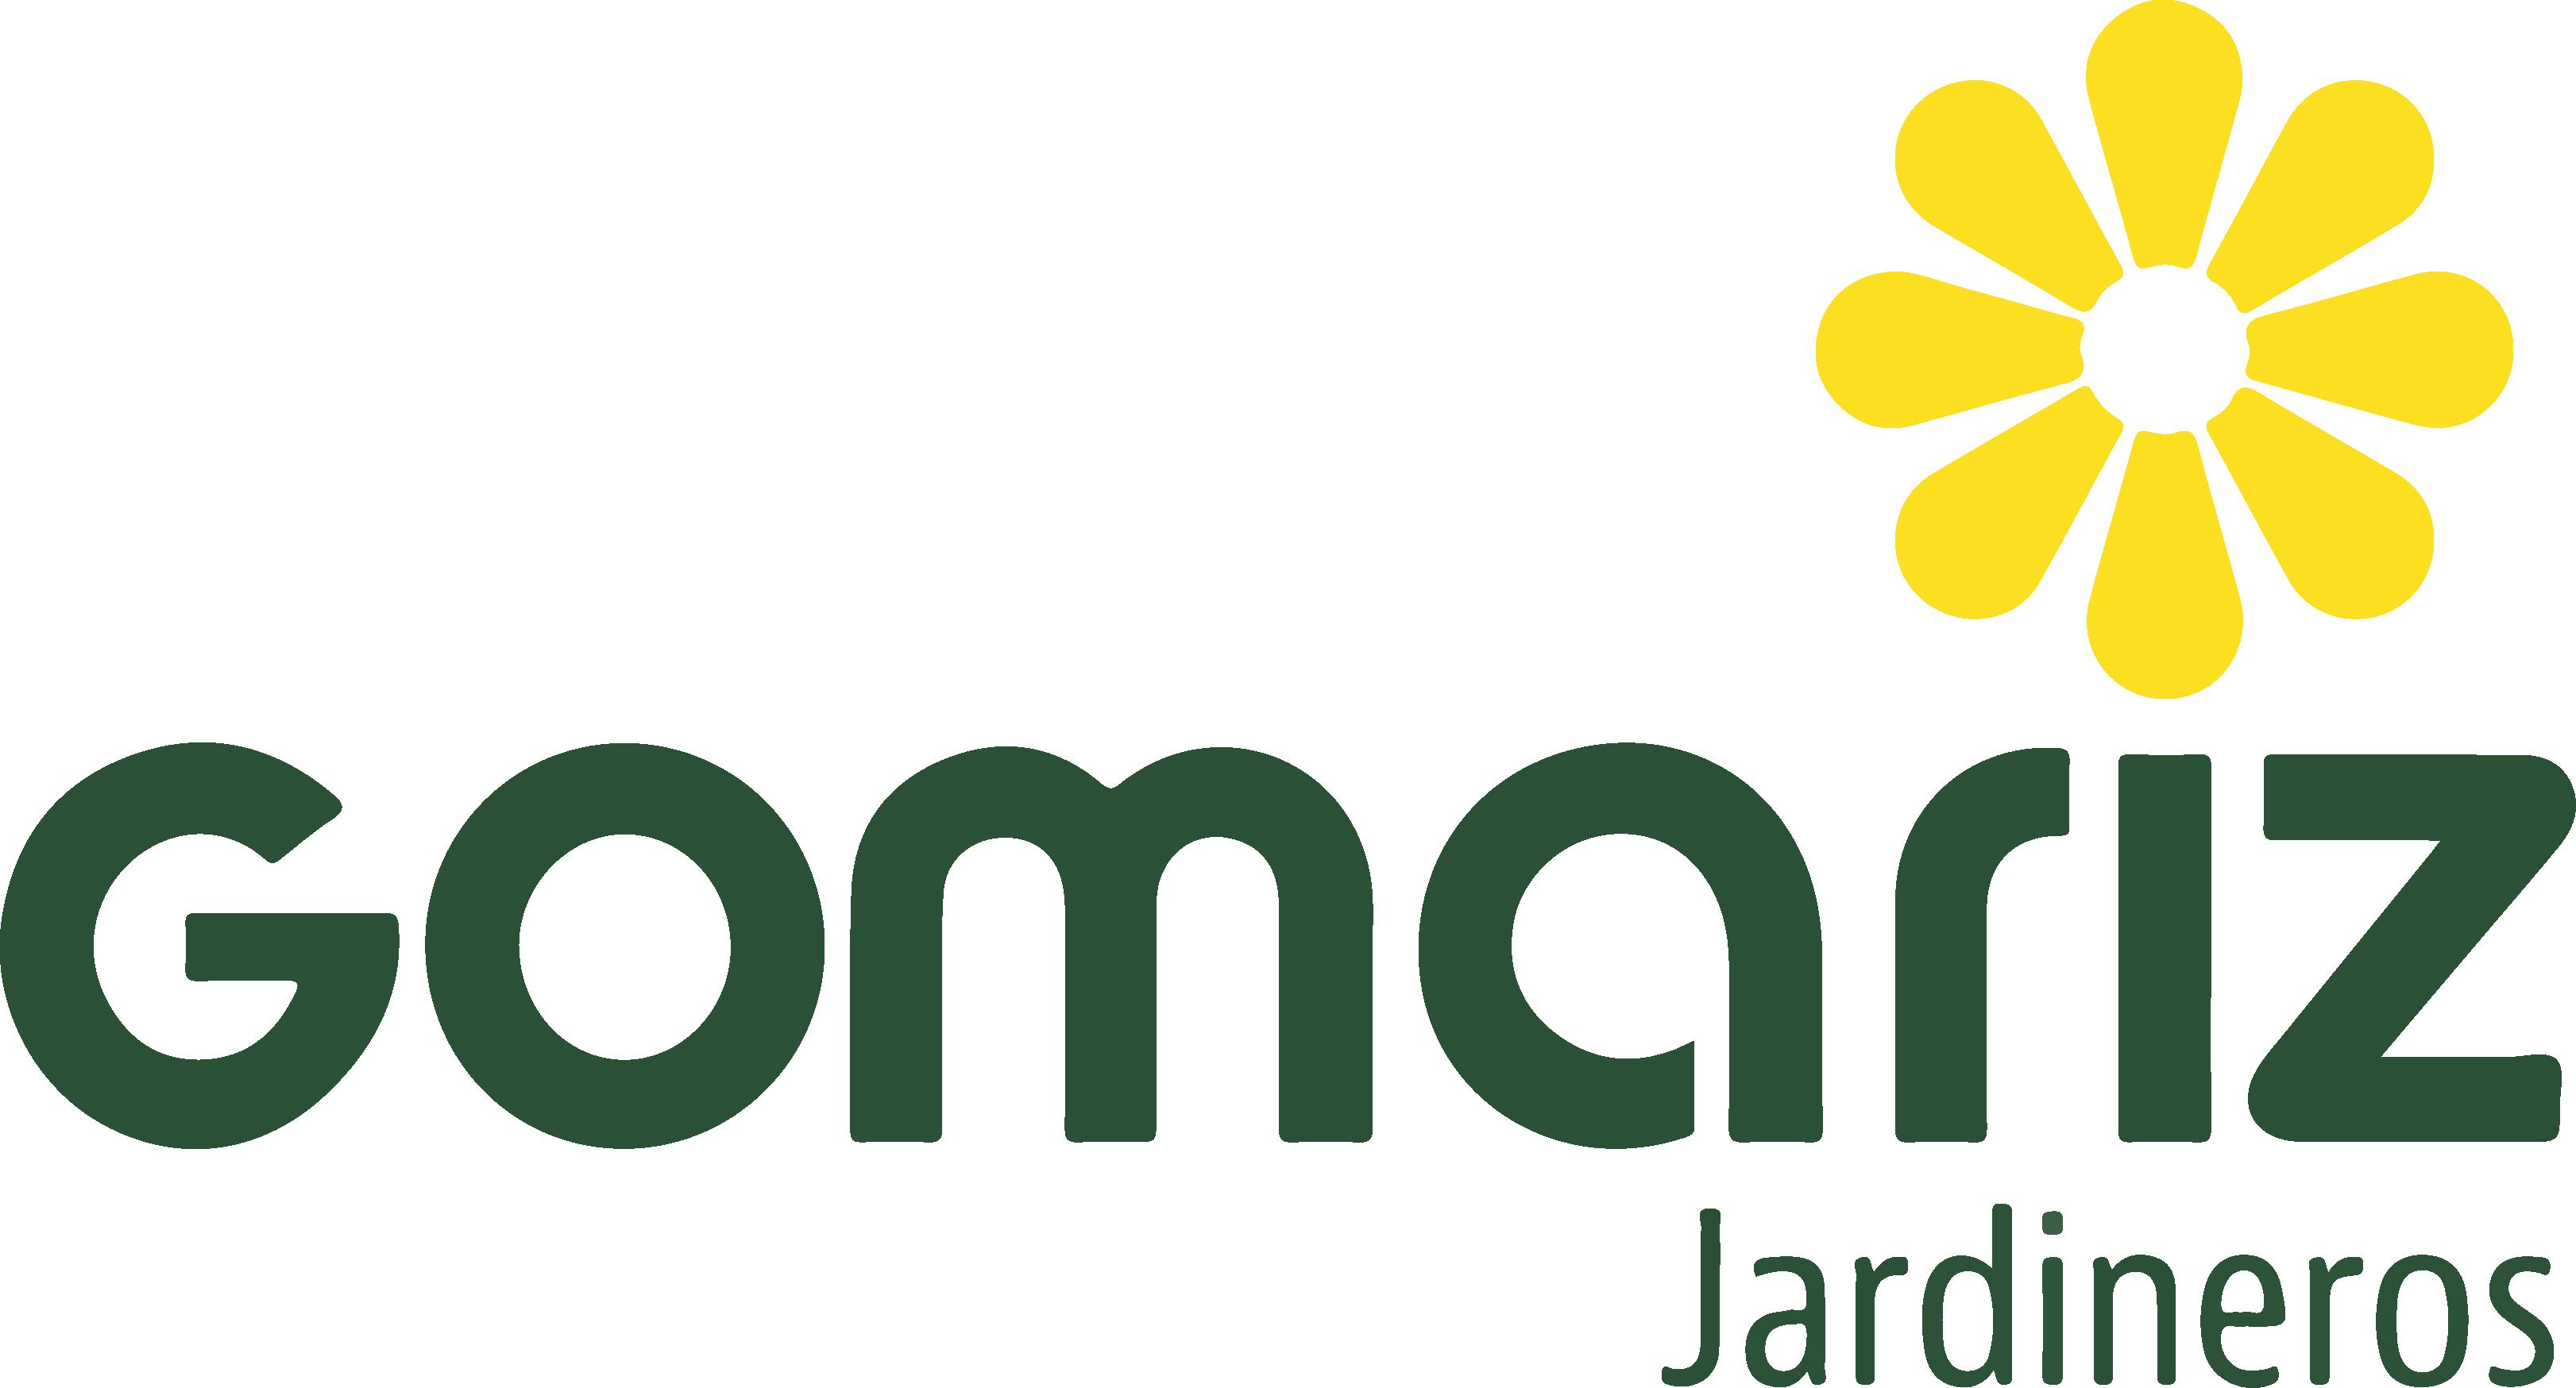 Gomariz Jardineros